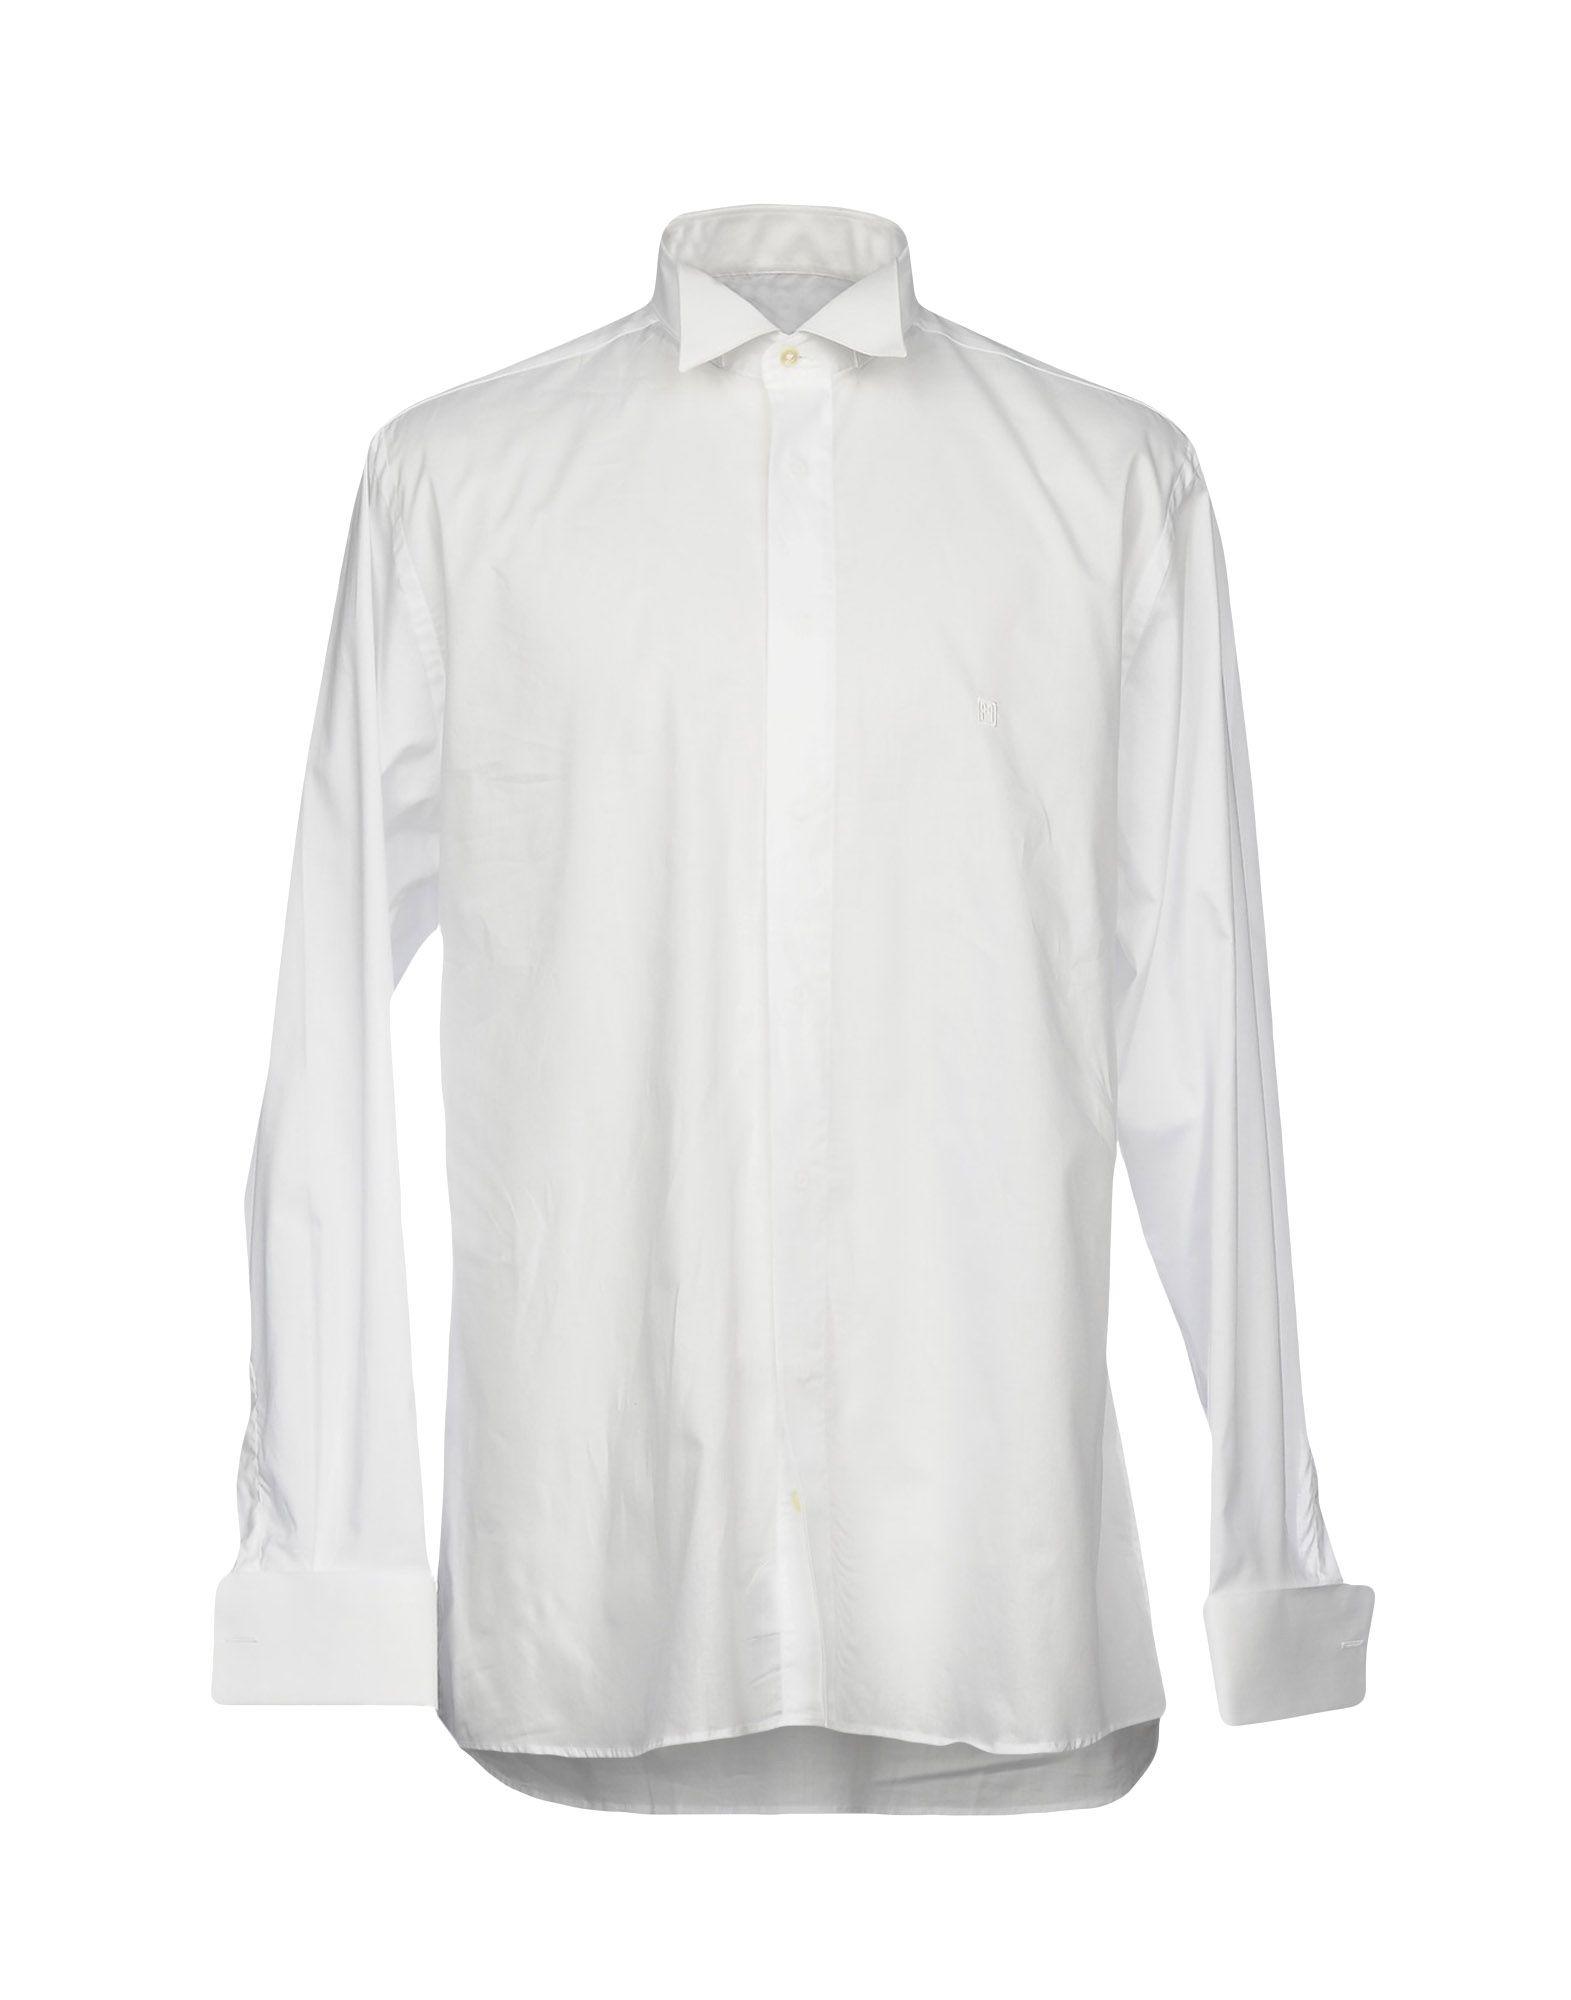 CARLO PIGNATELLI CERIMONIA Pубашка carlo pignatelli cerimonia пиджак